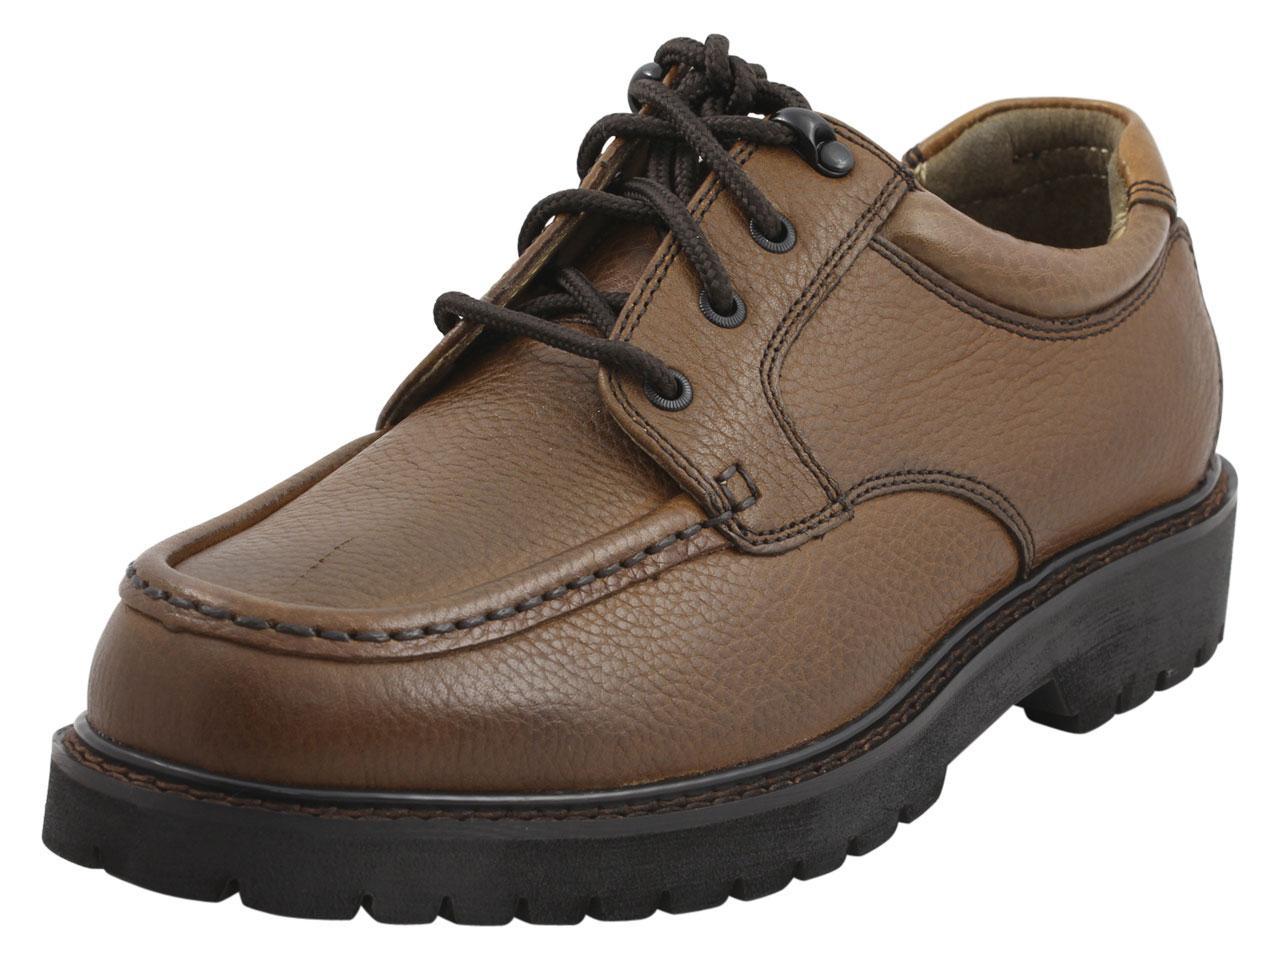 Image of Dockers Men's Glacier Memory Foam Oxfords Shoes - Brown - 11.5 D(M) US